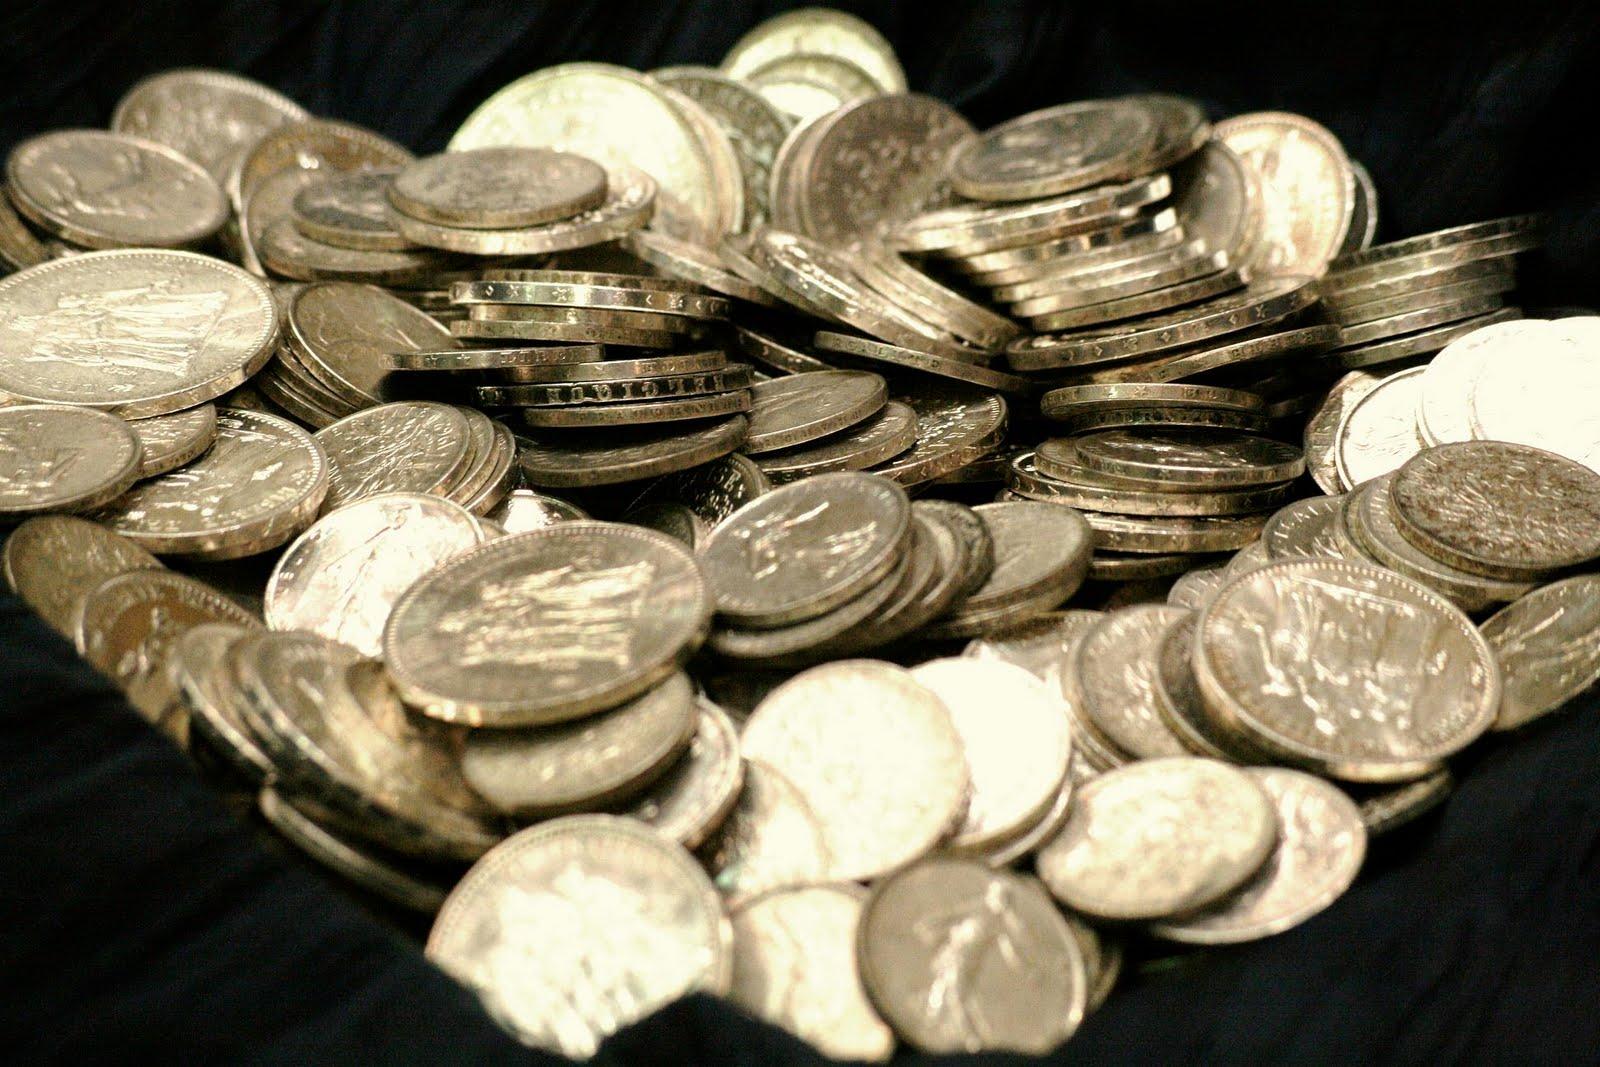 Le comptoir des Tuileries : dans quel métal précieux investir ?